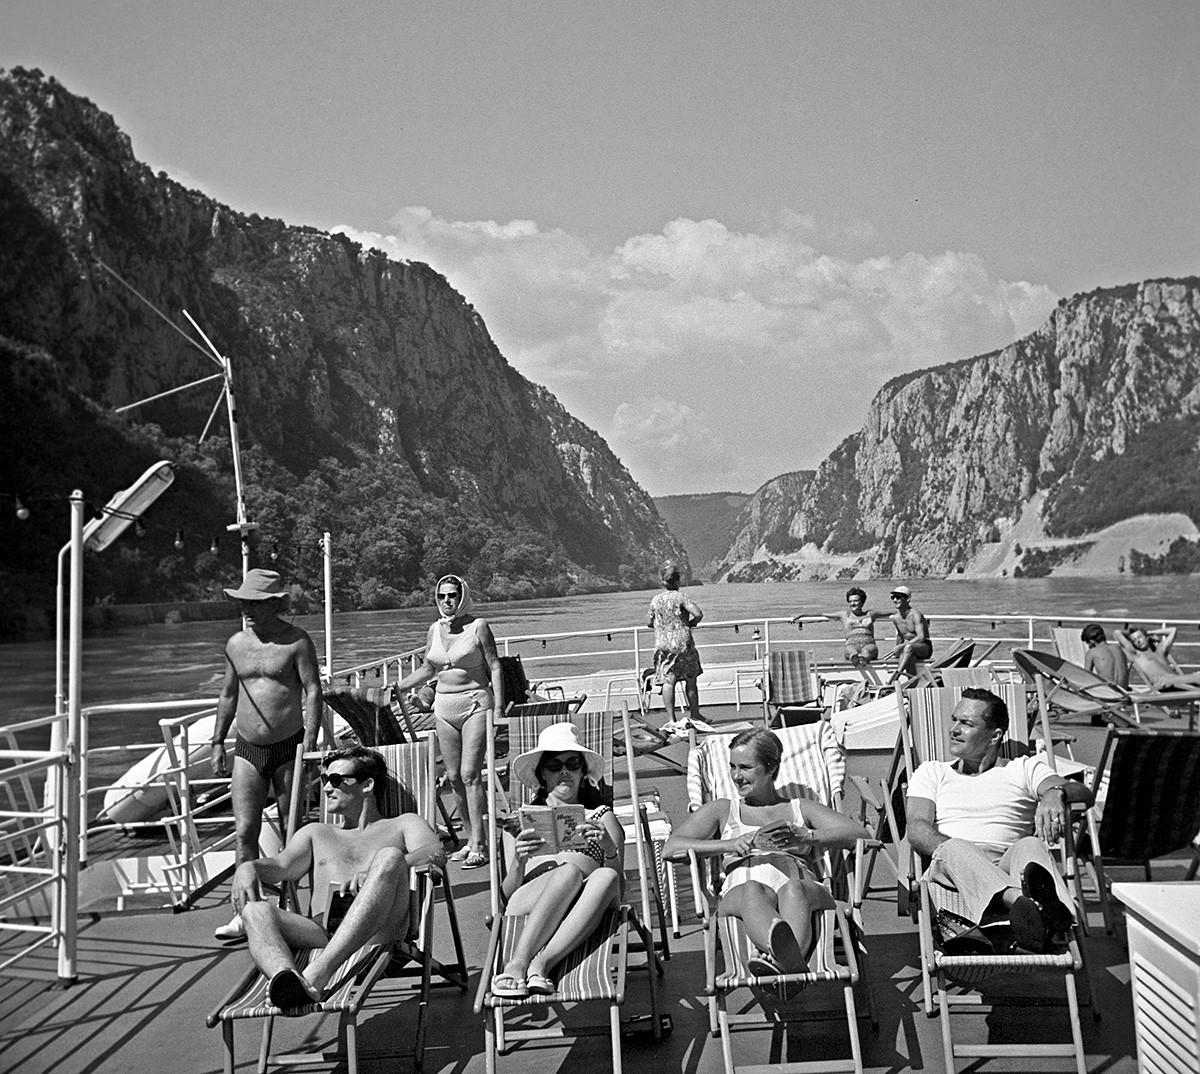 Turisti na ladjici med plovbo po Donavi, 1969